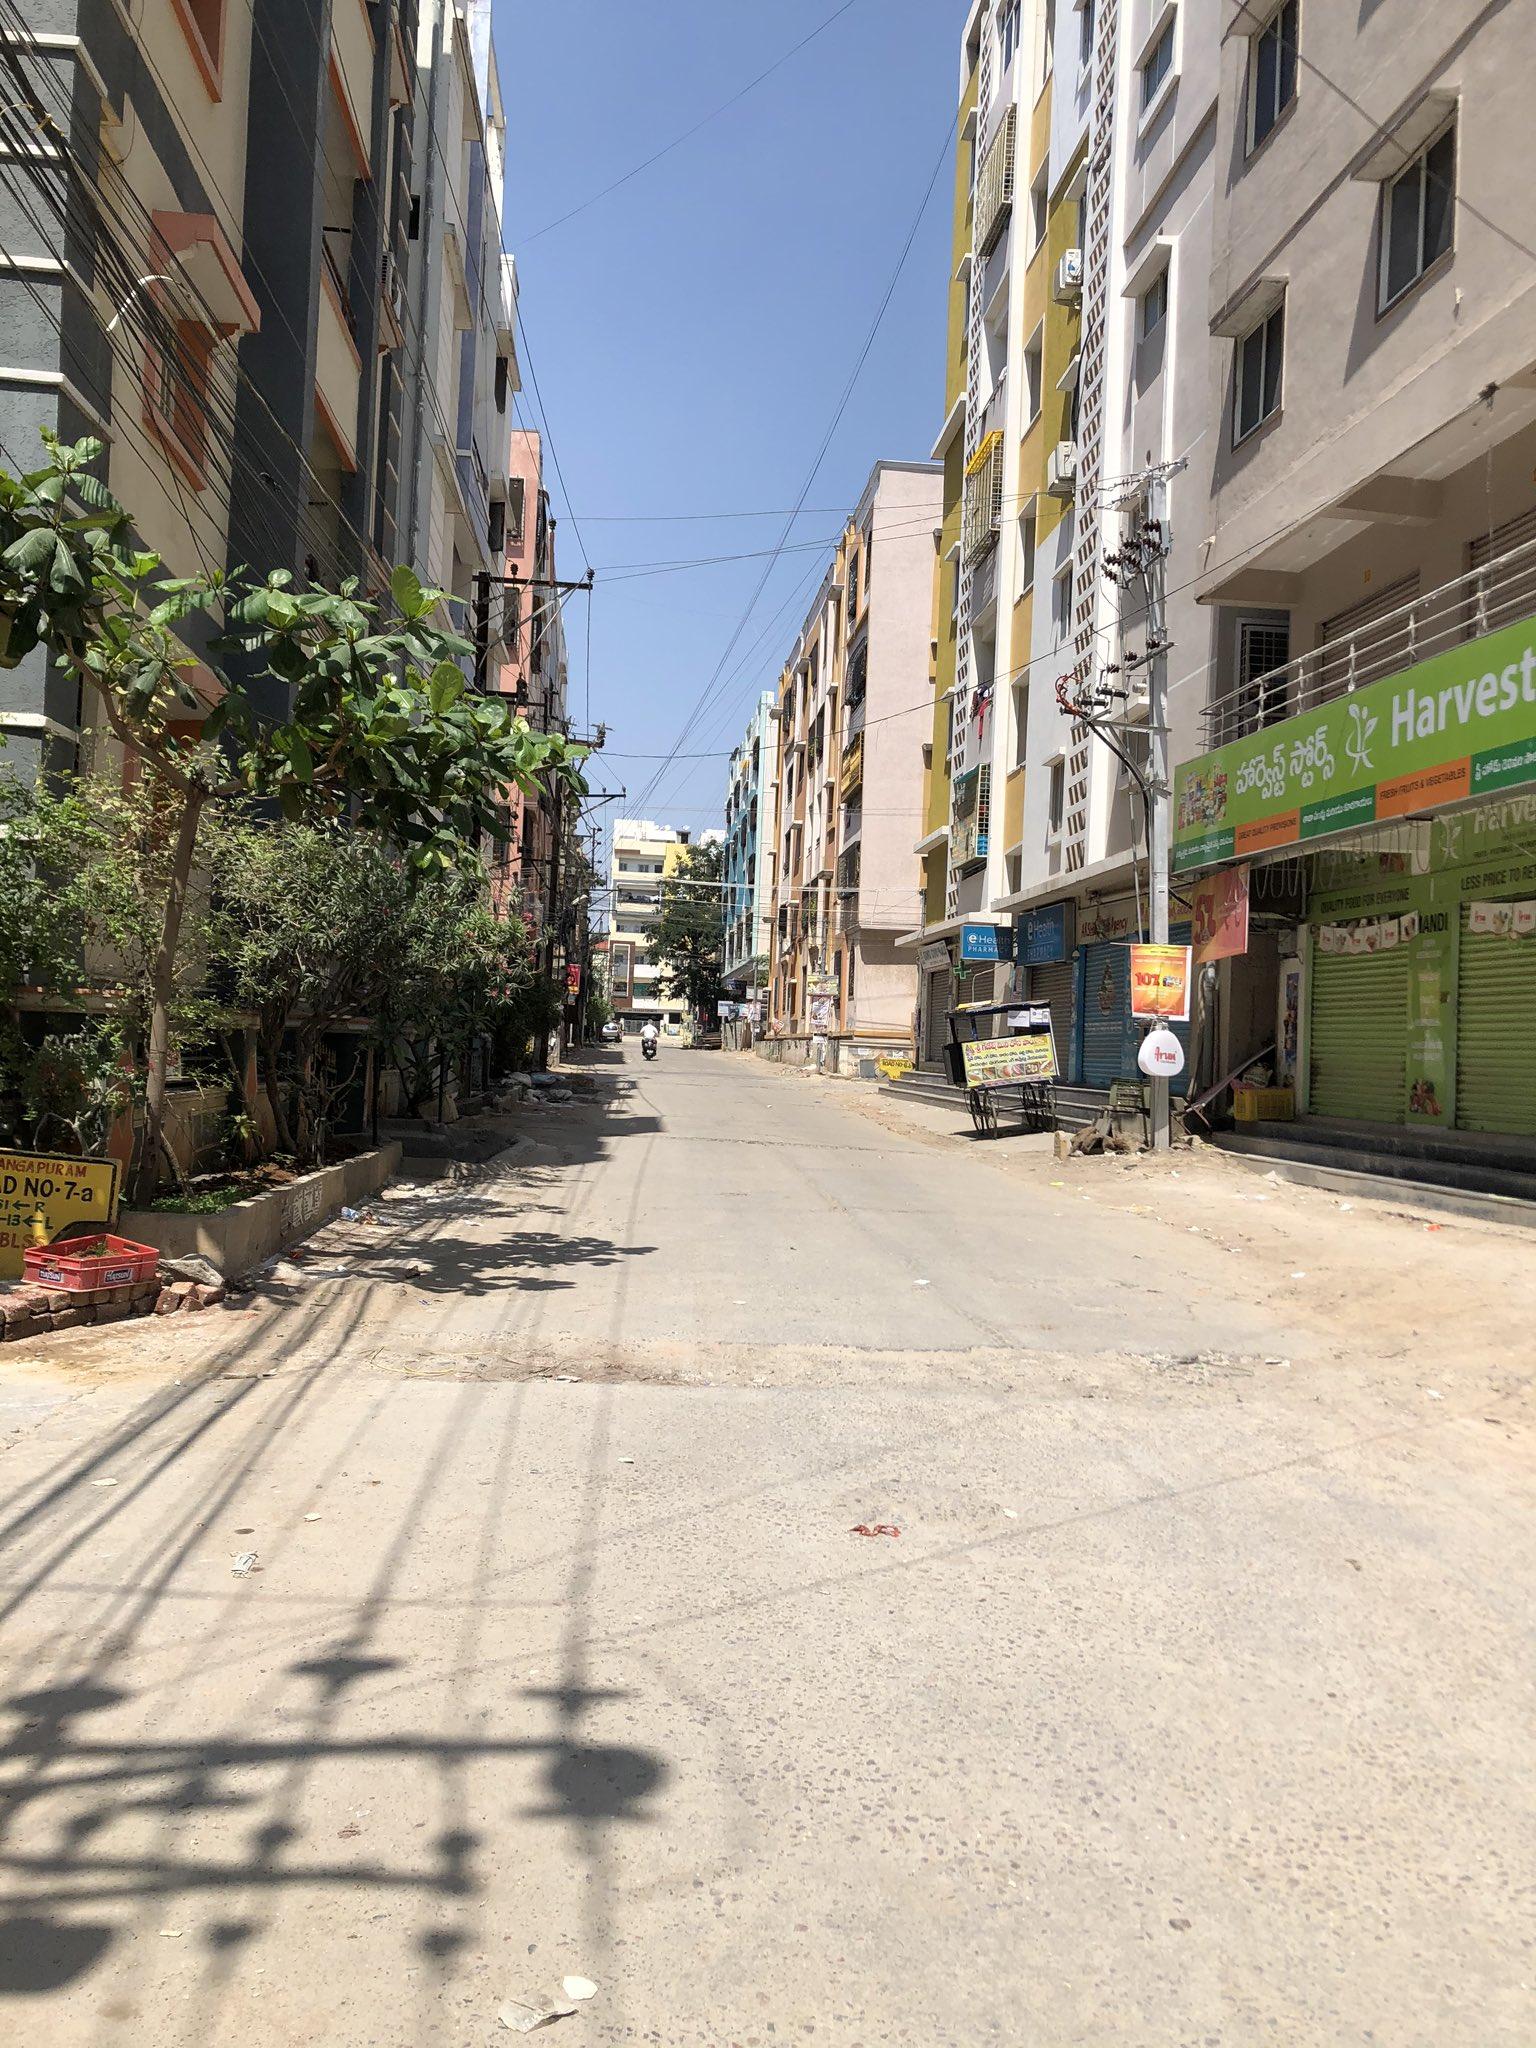 3a. Janatha Curfew Hyderabad